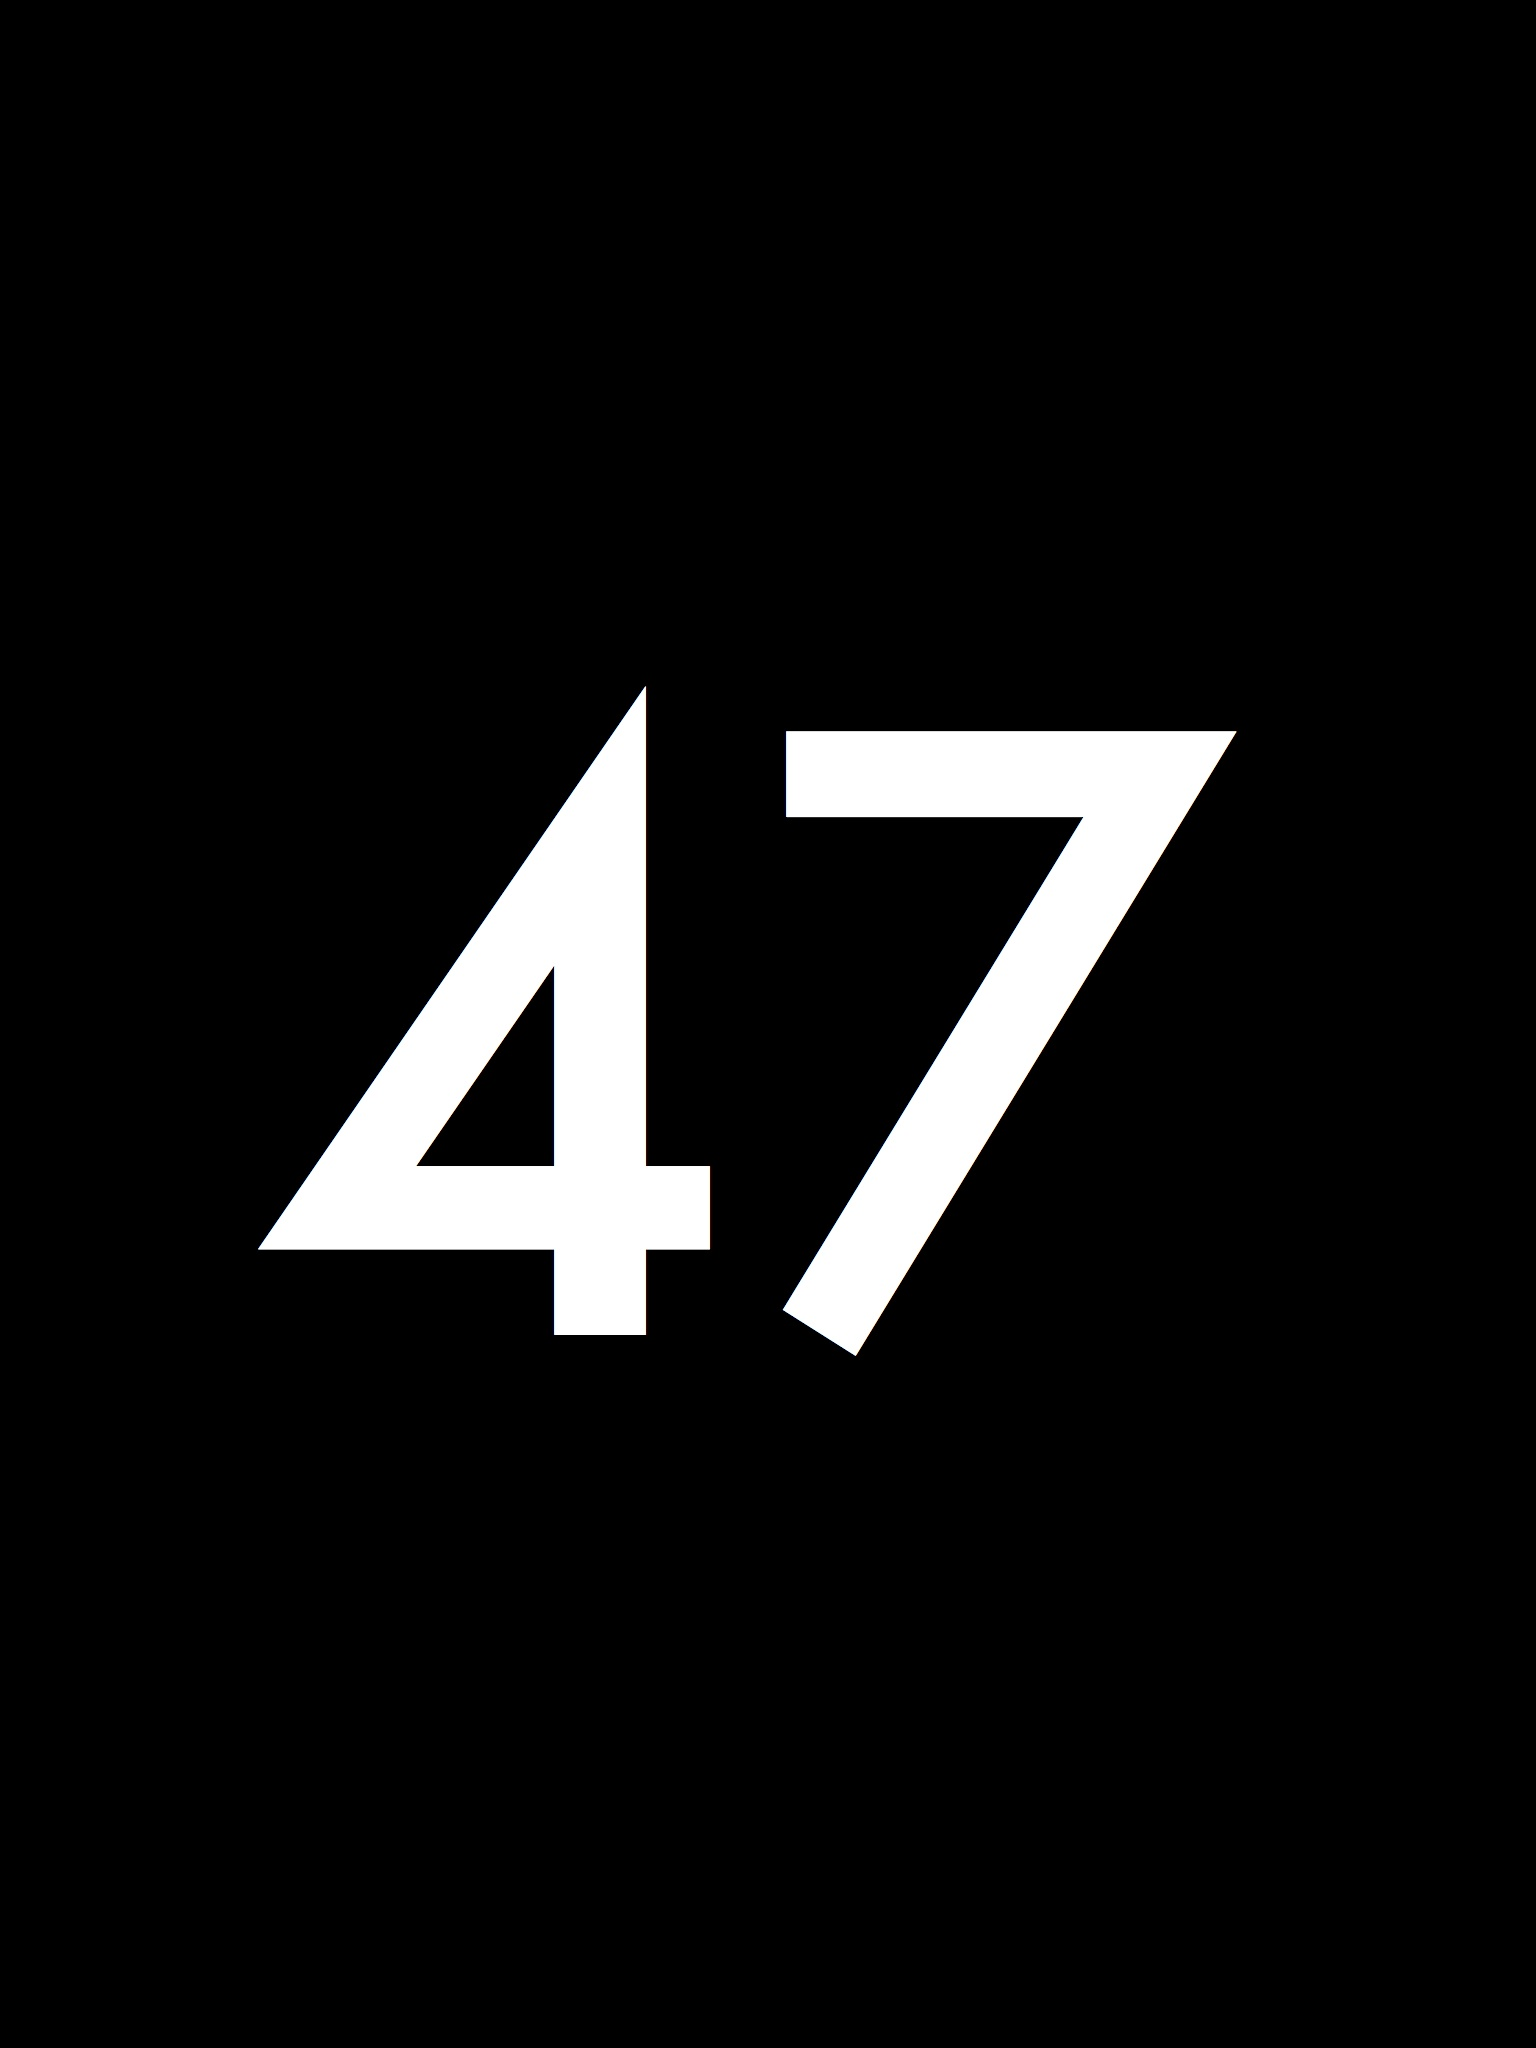 Black_Number.047.jpg